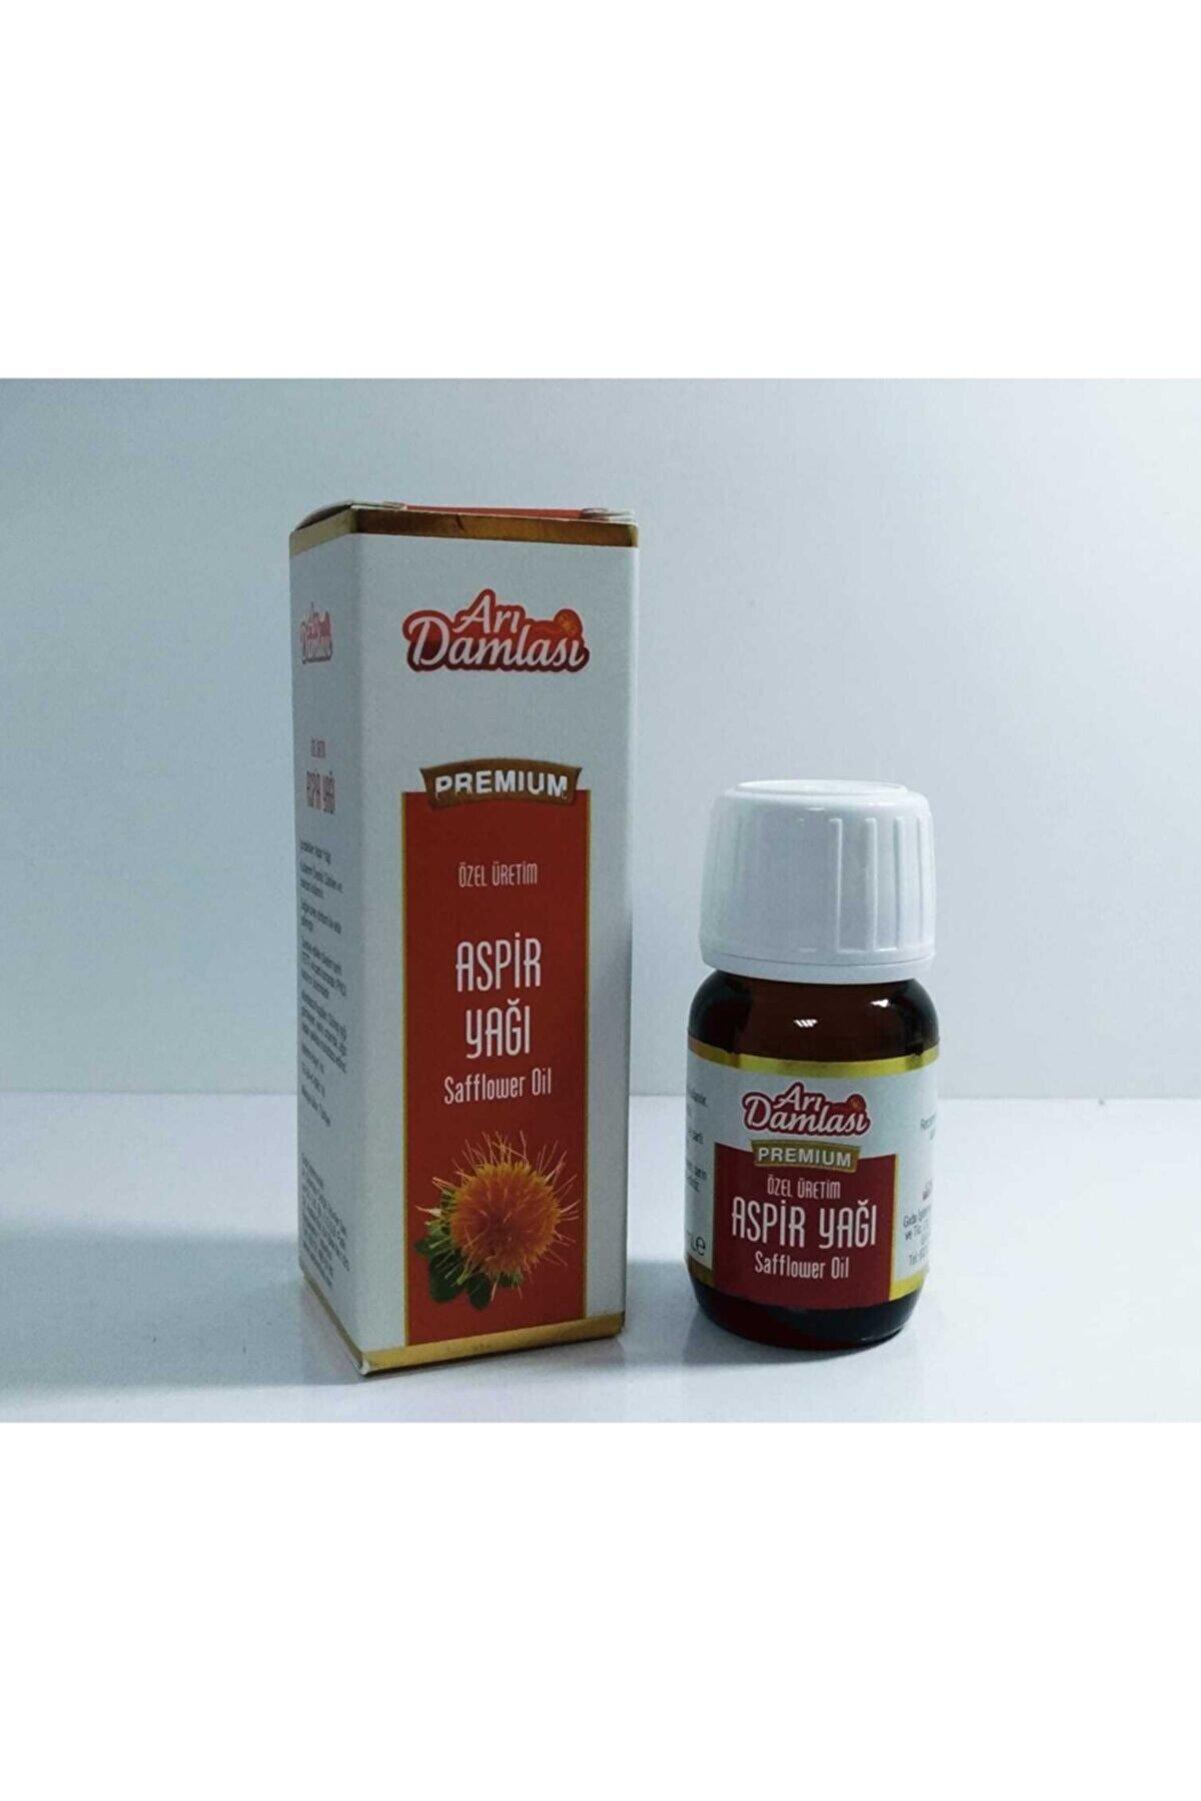 Arı damlası Aspir Yağı 20 ml